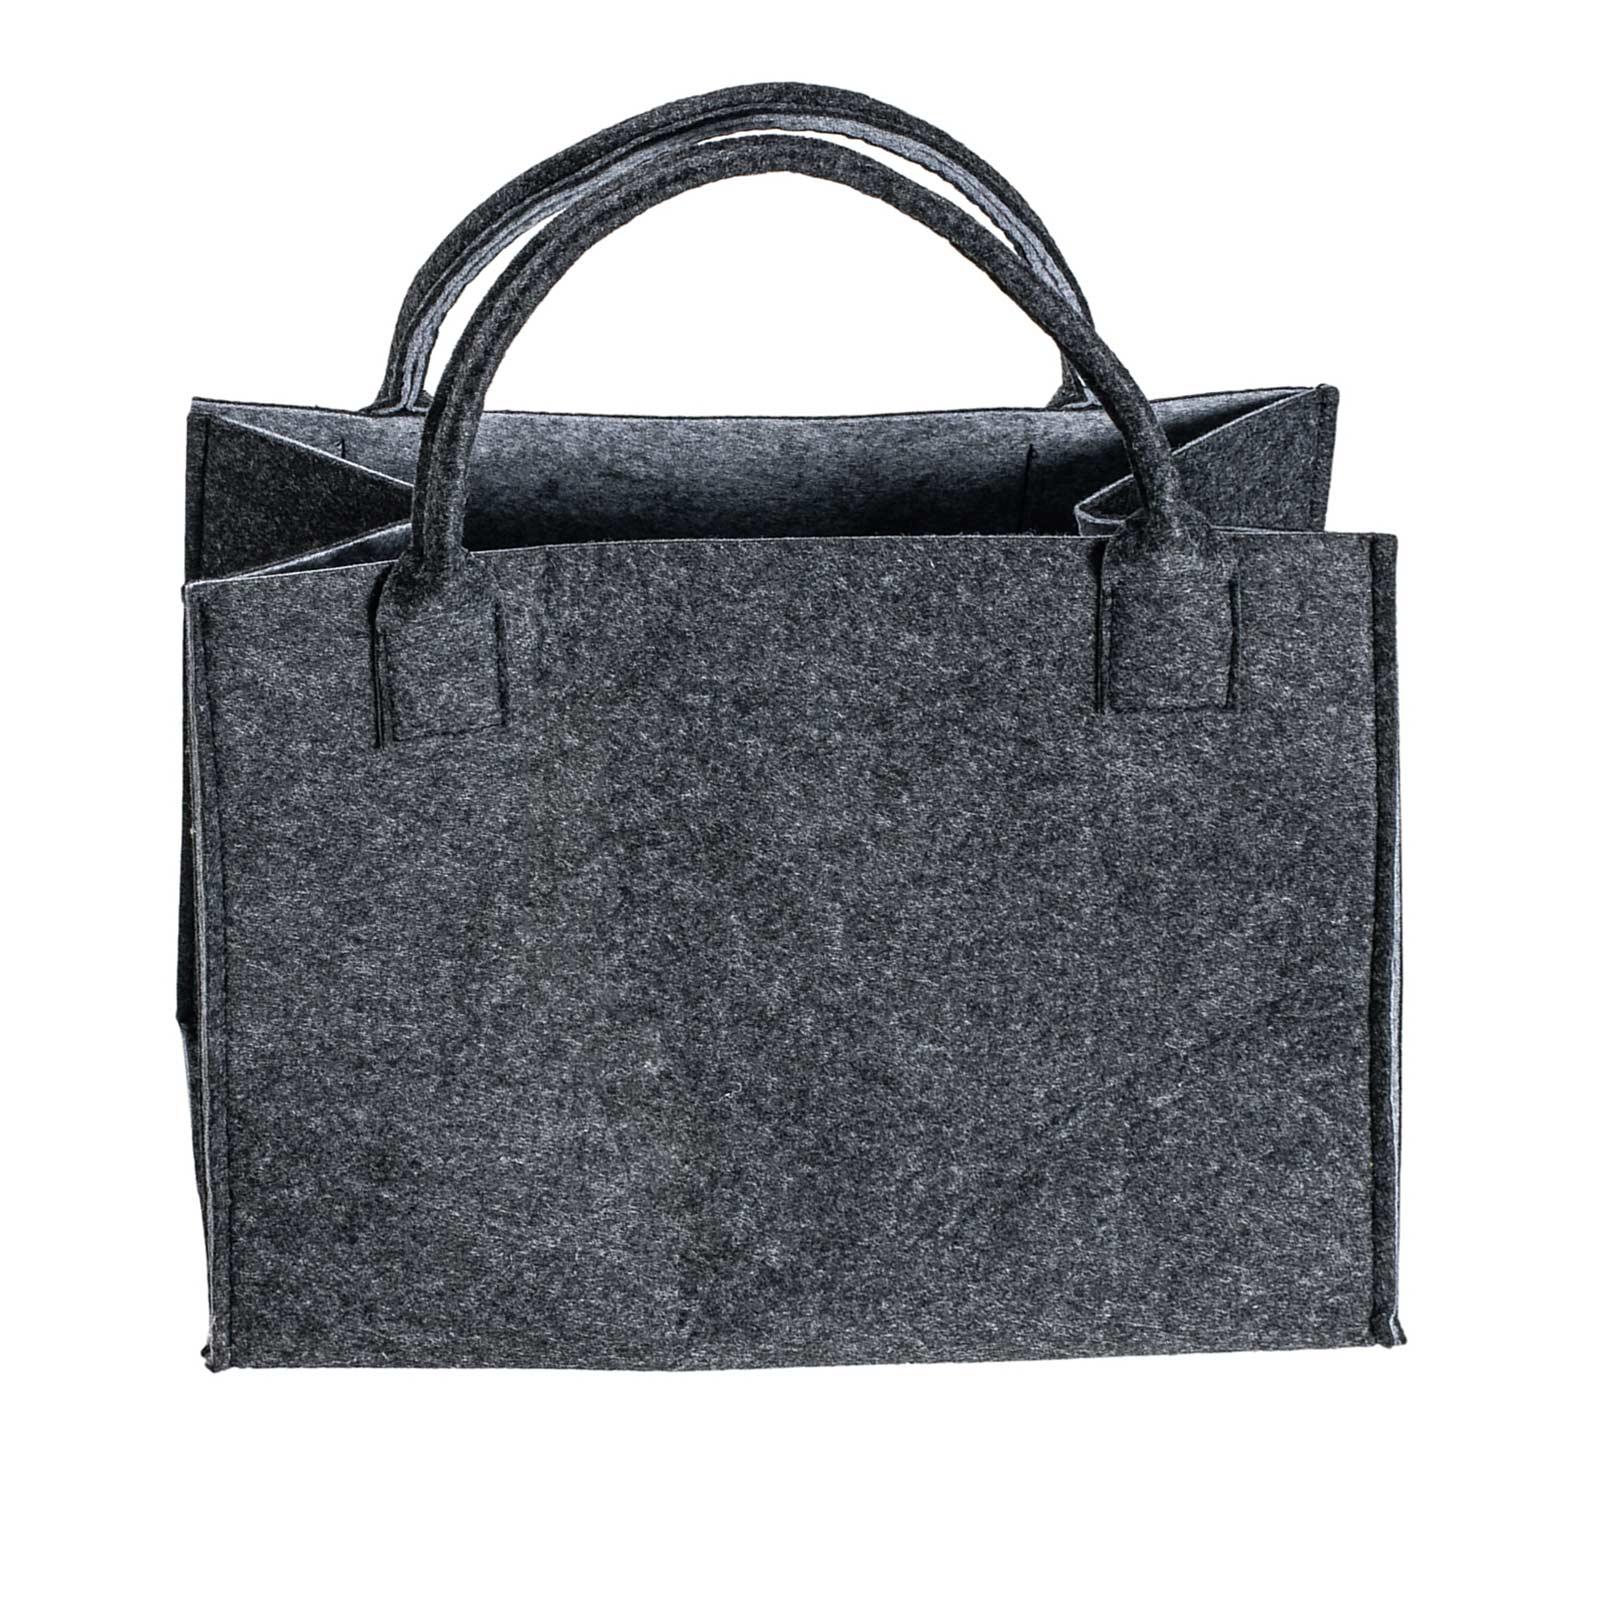 Filztasche 35x20x43cm Einkaufstasche Handtasche Shopper 2-farbig o. Motiv – Bild 3